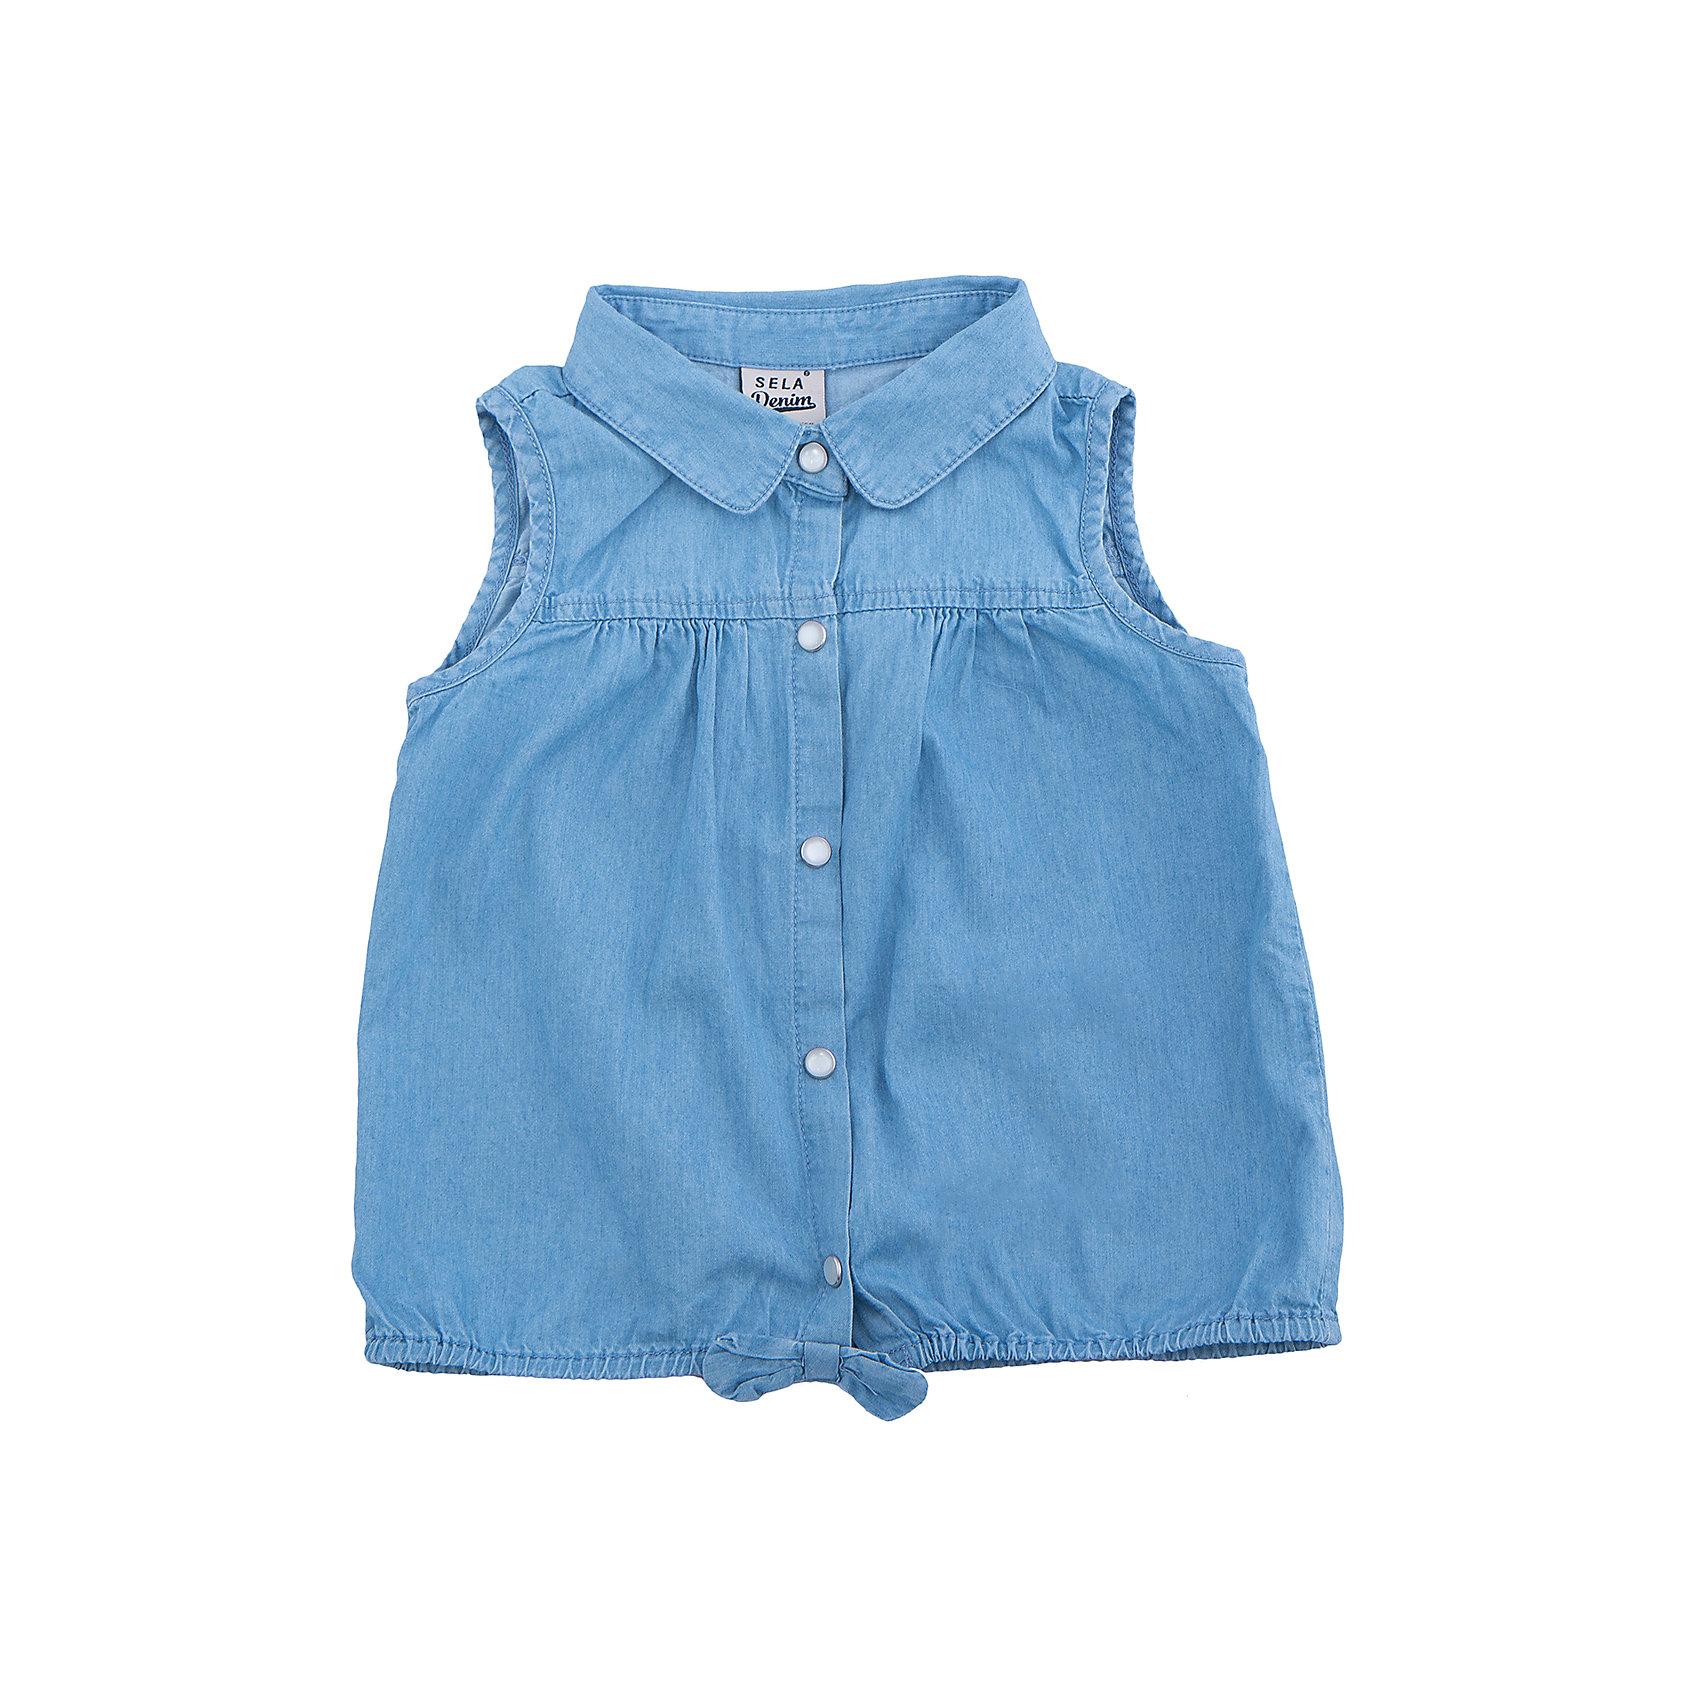 Блузка джинсовая для девочки SELAБлузки и рубашки<br>Характеристики товара:<br><br>• цвет: голубой<br>• сезон: лето<br>• состав:  100% хлопок<br>• застежки-кнопки<br>• комфортная посадка<br>• без рукавов<br>• отложной воротник<br>• страна бренда: Россия<br><br>Вещи из новой коллекции SELA продолжают радовать удобством! Эта блузка для девочки поможет разнообразить гардероб ребенка и обеспечить комфорт.<br><br>Одежда, обувь и аксессуары от российского бренда SELA не зря пользуются большой популярностью у детей и взрослых! Модели этой марки - стильные и удобные, цена при этом неизменно остается доступной. Для их производства используются только безопасные, качественные материалы и фурнитура. <br><br>Блузку для девочки от популярного бренда SELA (СЕЛА) можно купить в нашем интернет-магазине.<br><br>Ширина мм: 186<br>Глубина мм: 87<br>Высота мм: 198<br>Вес г: 197<br>Цвет: голубой<br>Возраст от месяцев: 24<br>Возраст до месяцев: 36<br>Пол: Женский<br>Возраст: Детский<br>Размер: 98,116,92,104,110<br>SKU: 5305015